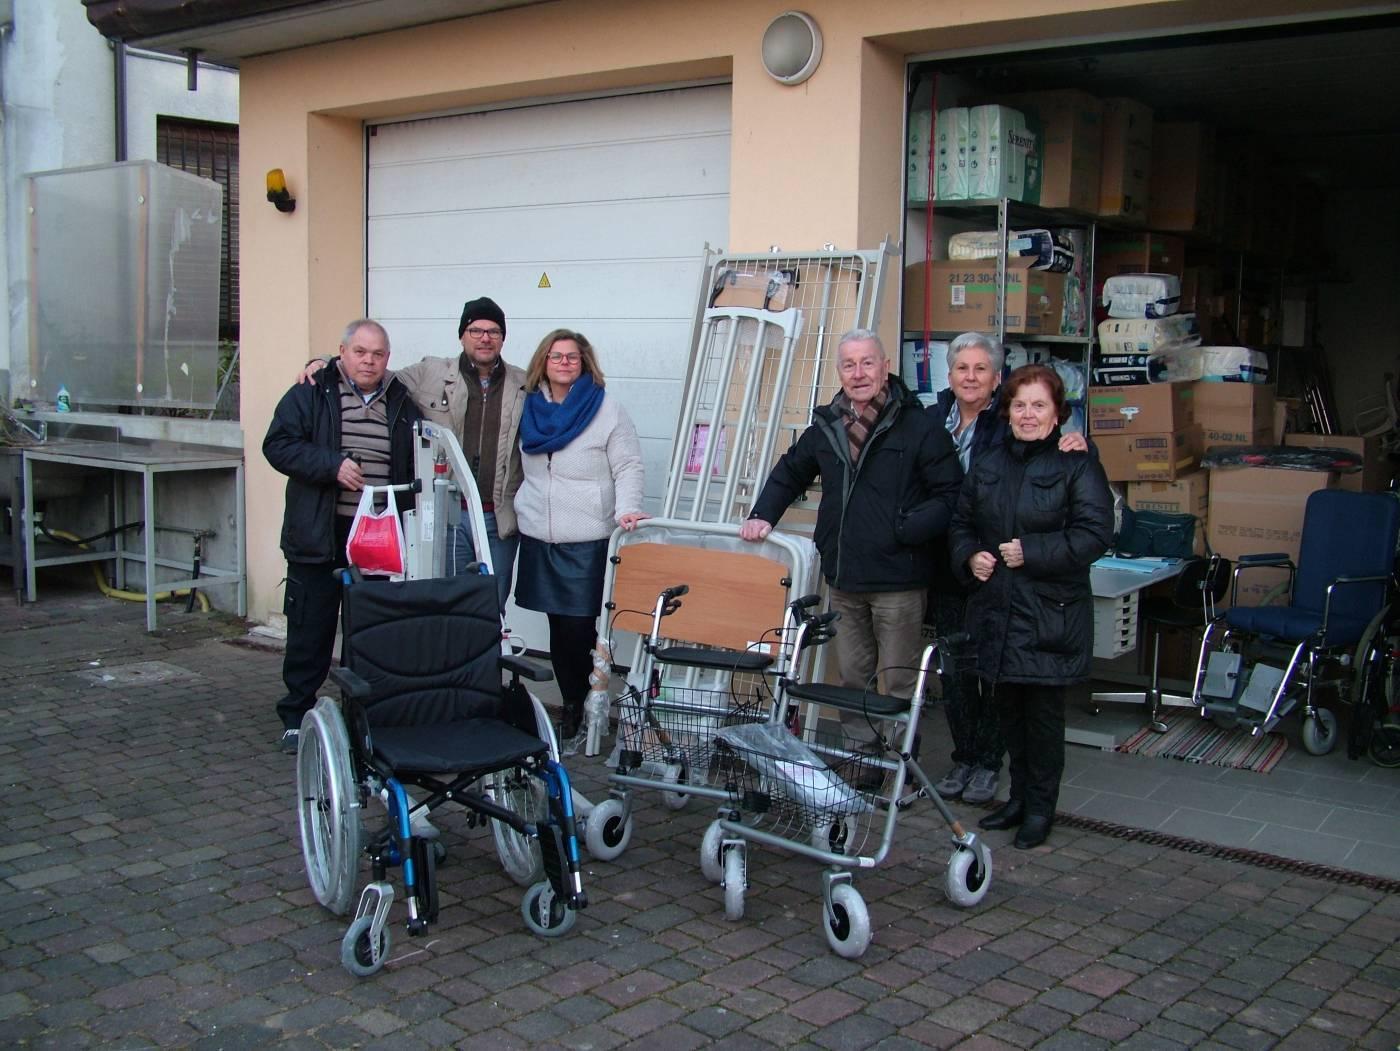 Stella della speranza Santa Giustina (BL) - donazione di materiale professionale a sostegno di malati e persone sole